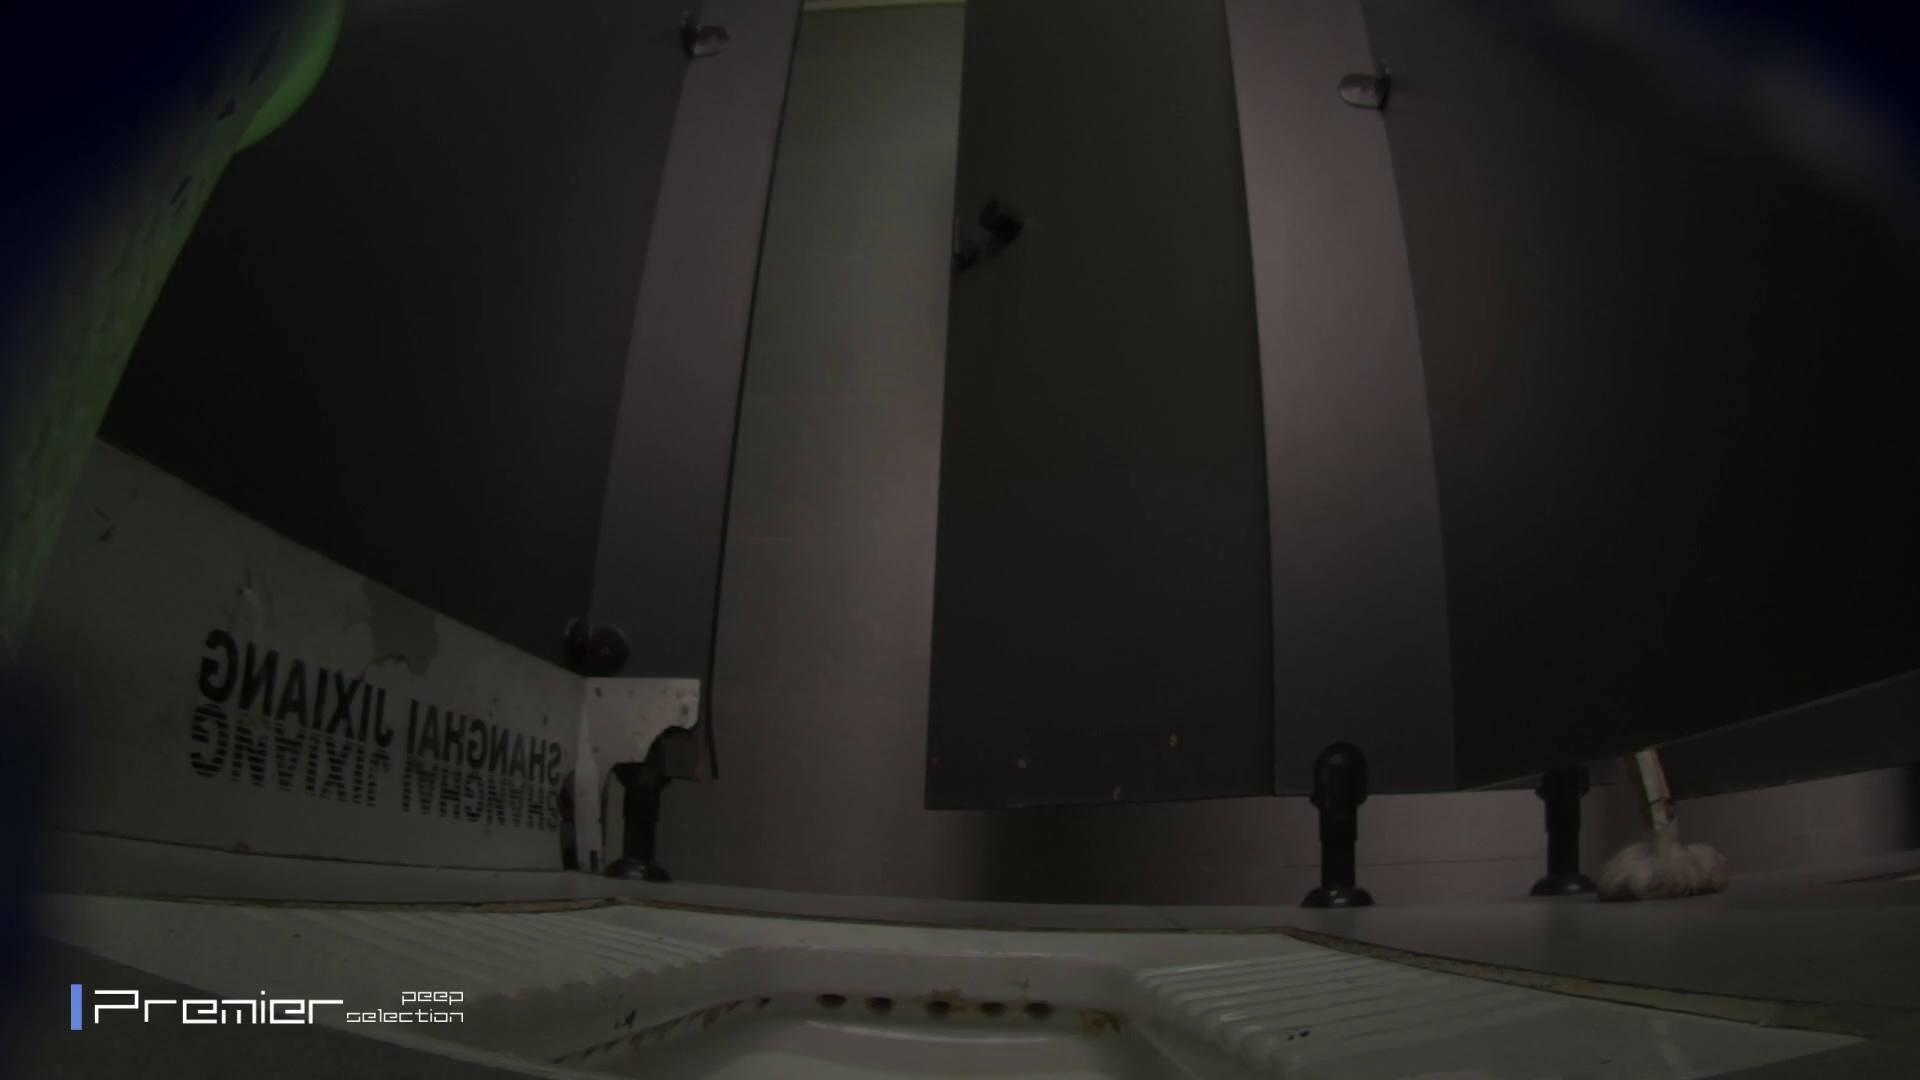 グレースパッツお女市さん 大学休憩時間の洗面所事情31 ギャル達 AV動画キャプチャ 84枚 2